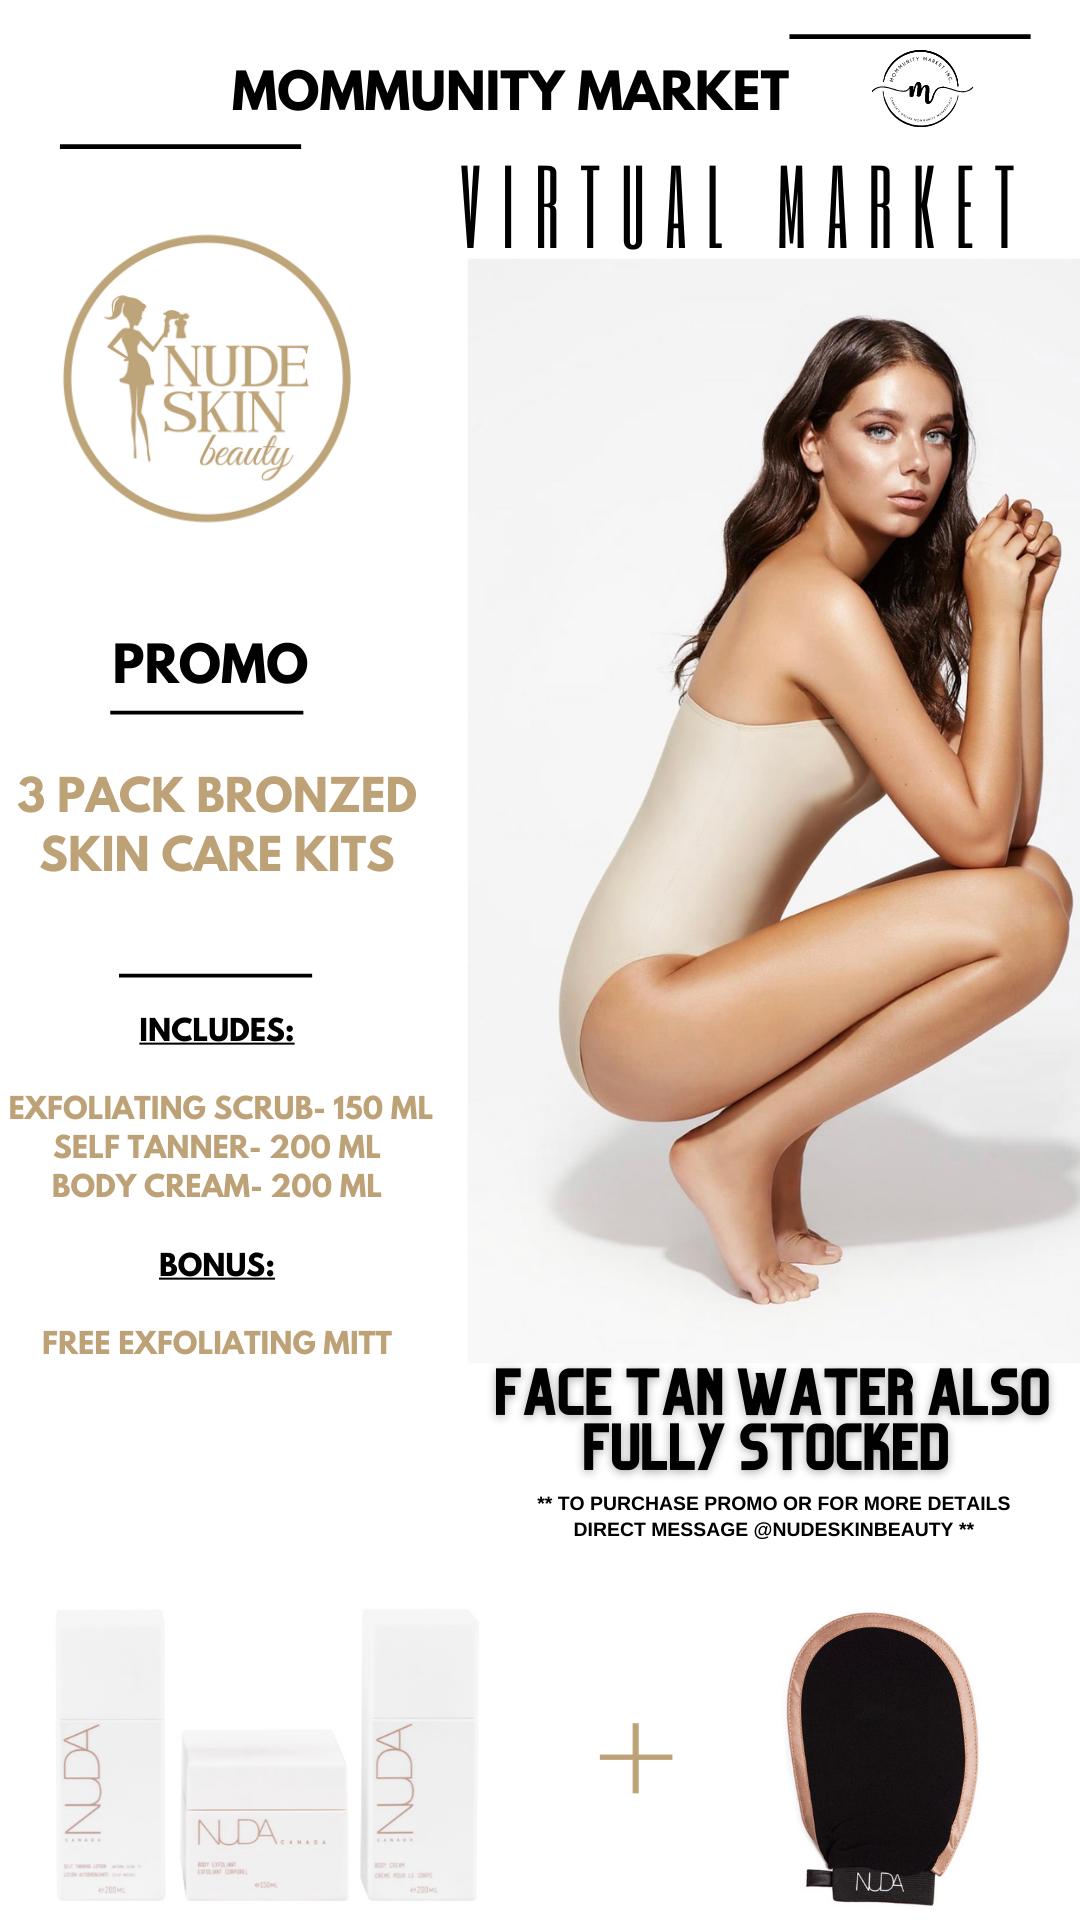 Nude Skin Beauty